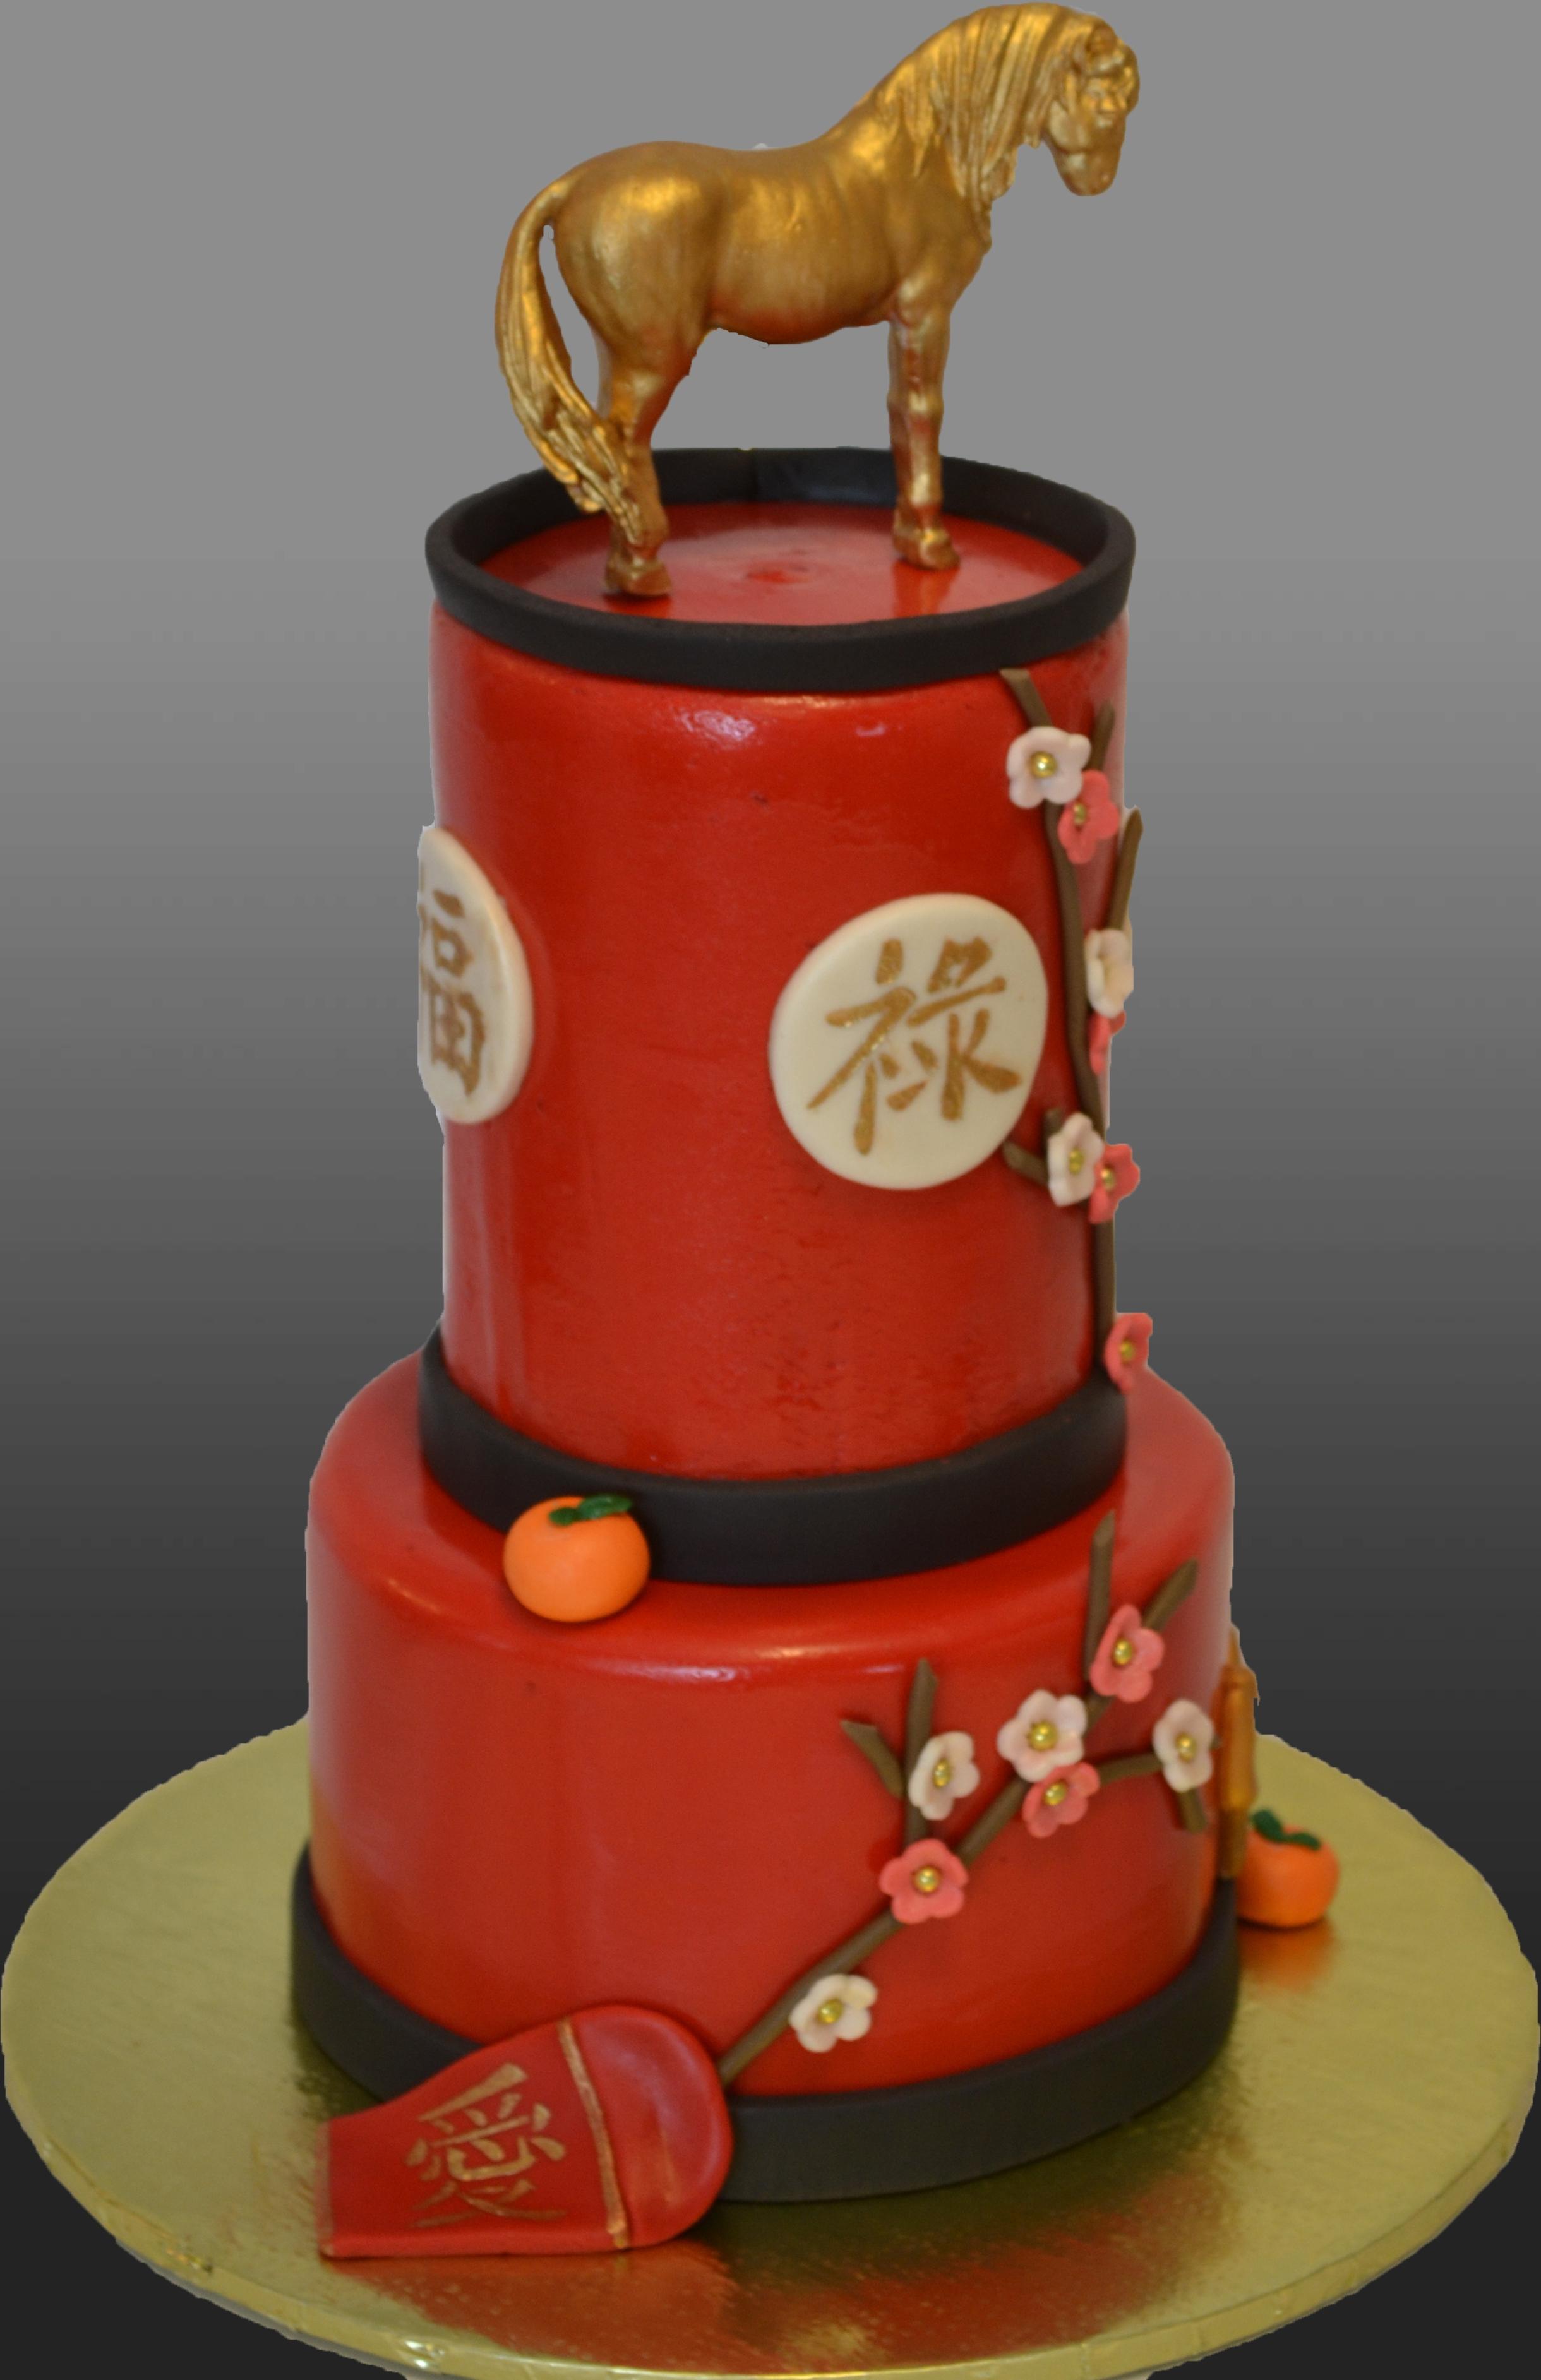 Chinese New Year Themed Cake 40th Birthday Cake